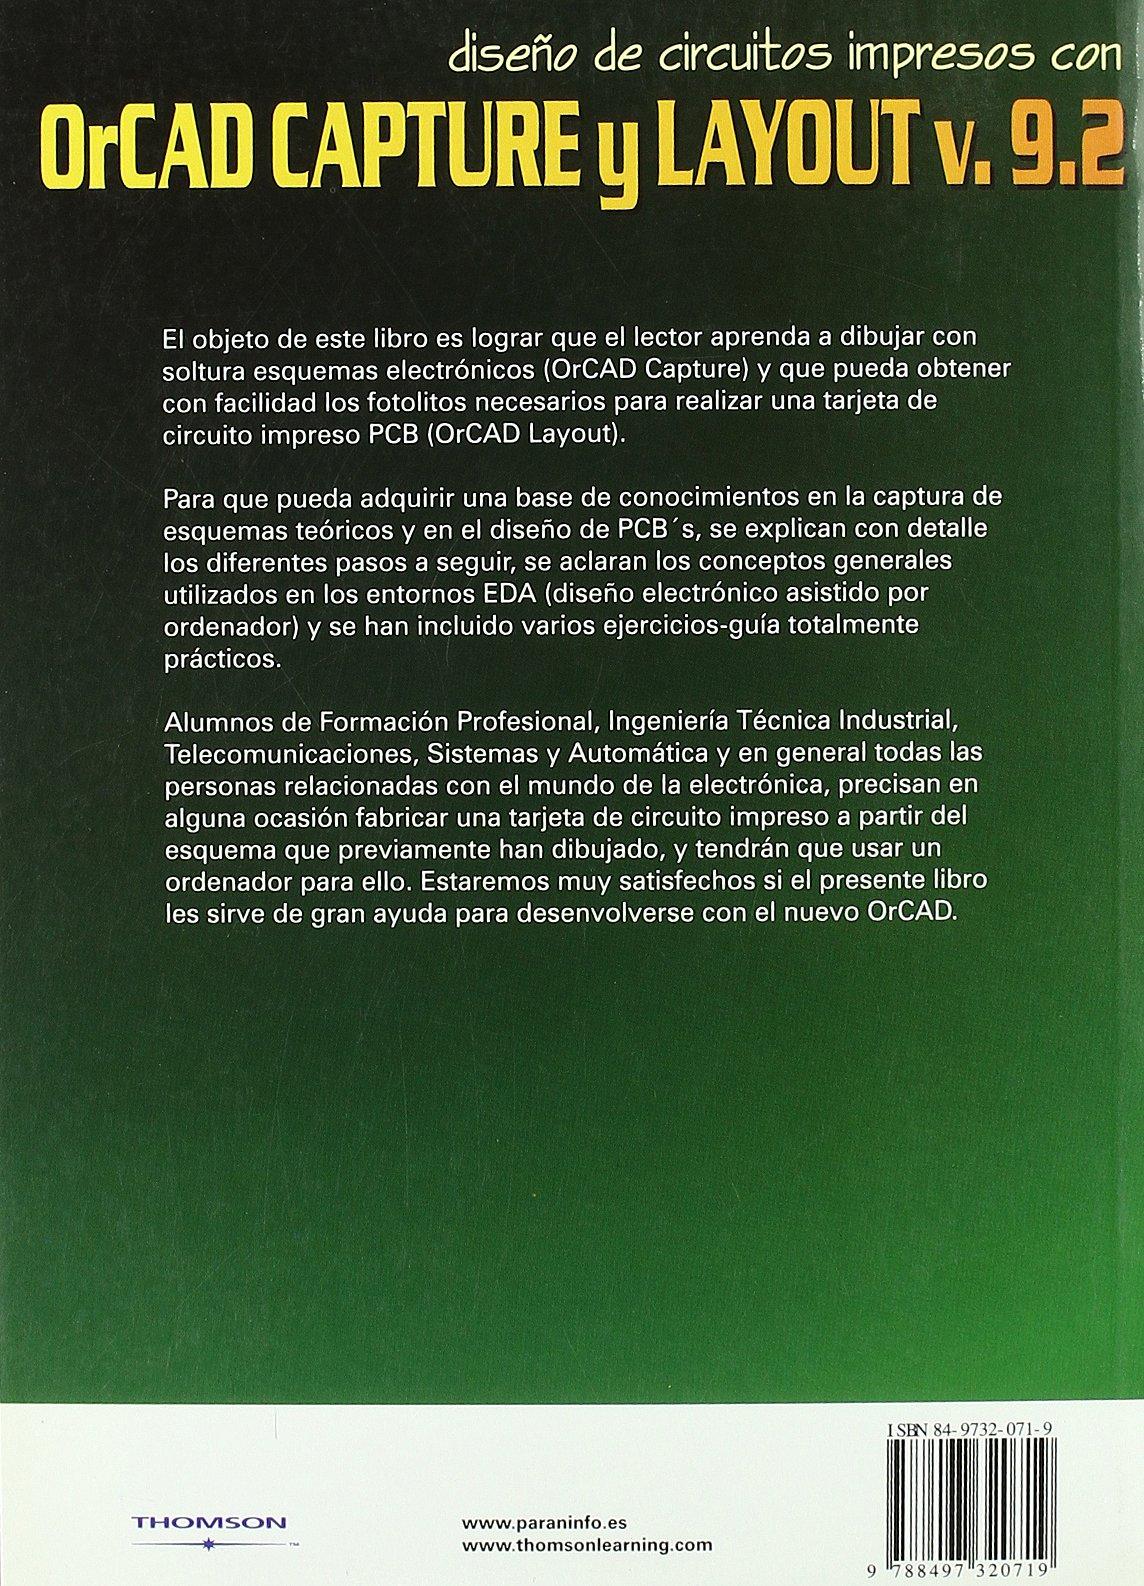 Amazon.com: Orcad Capture y Layaout V.9.2 Diseno de Circuito ...